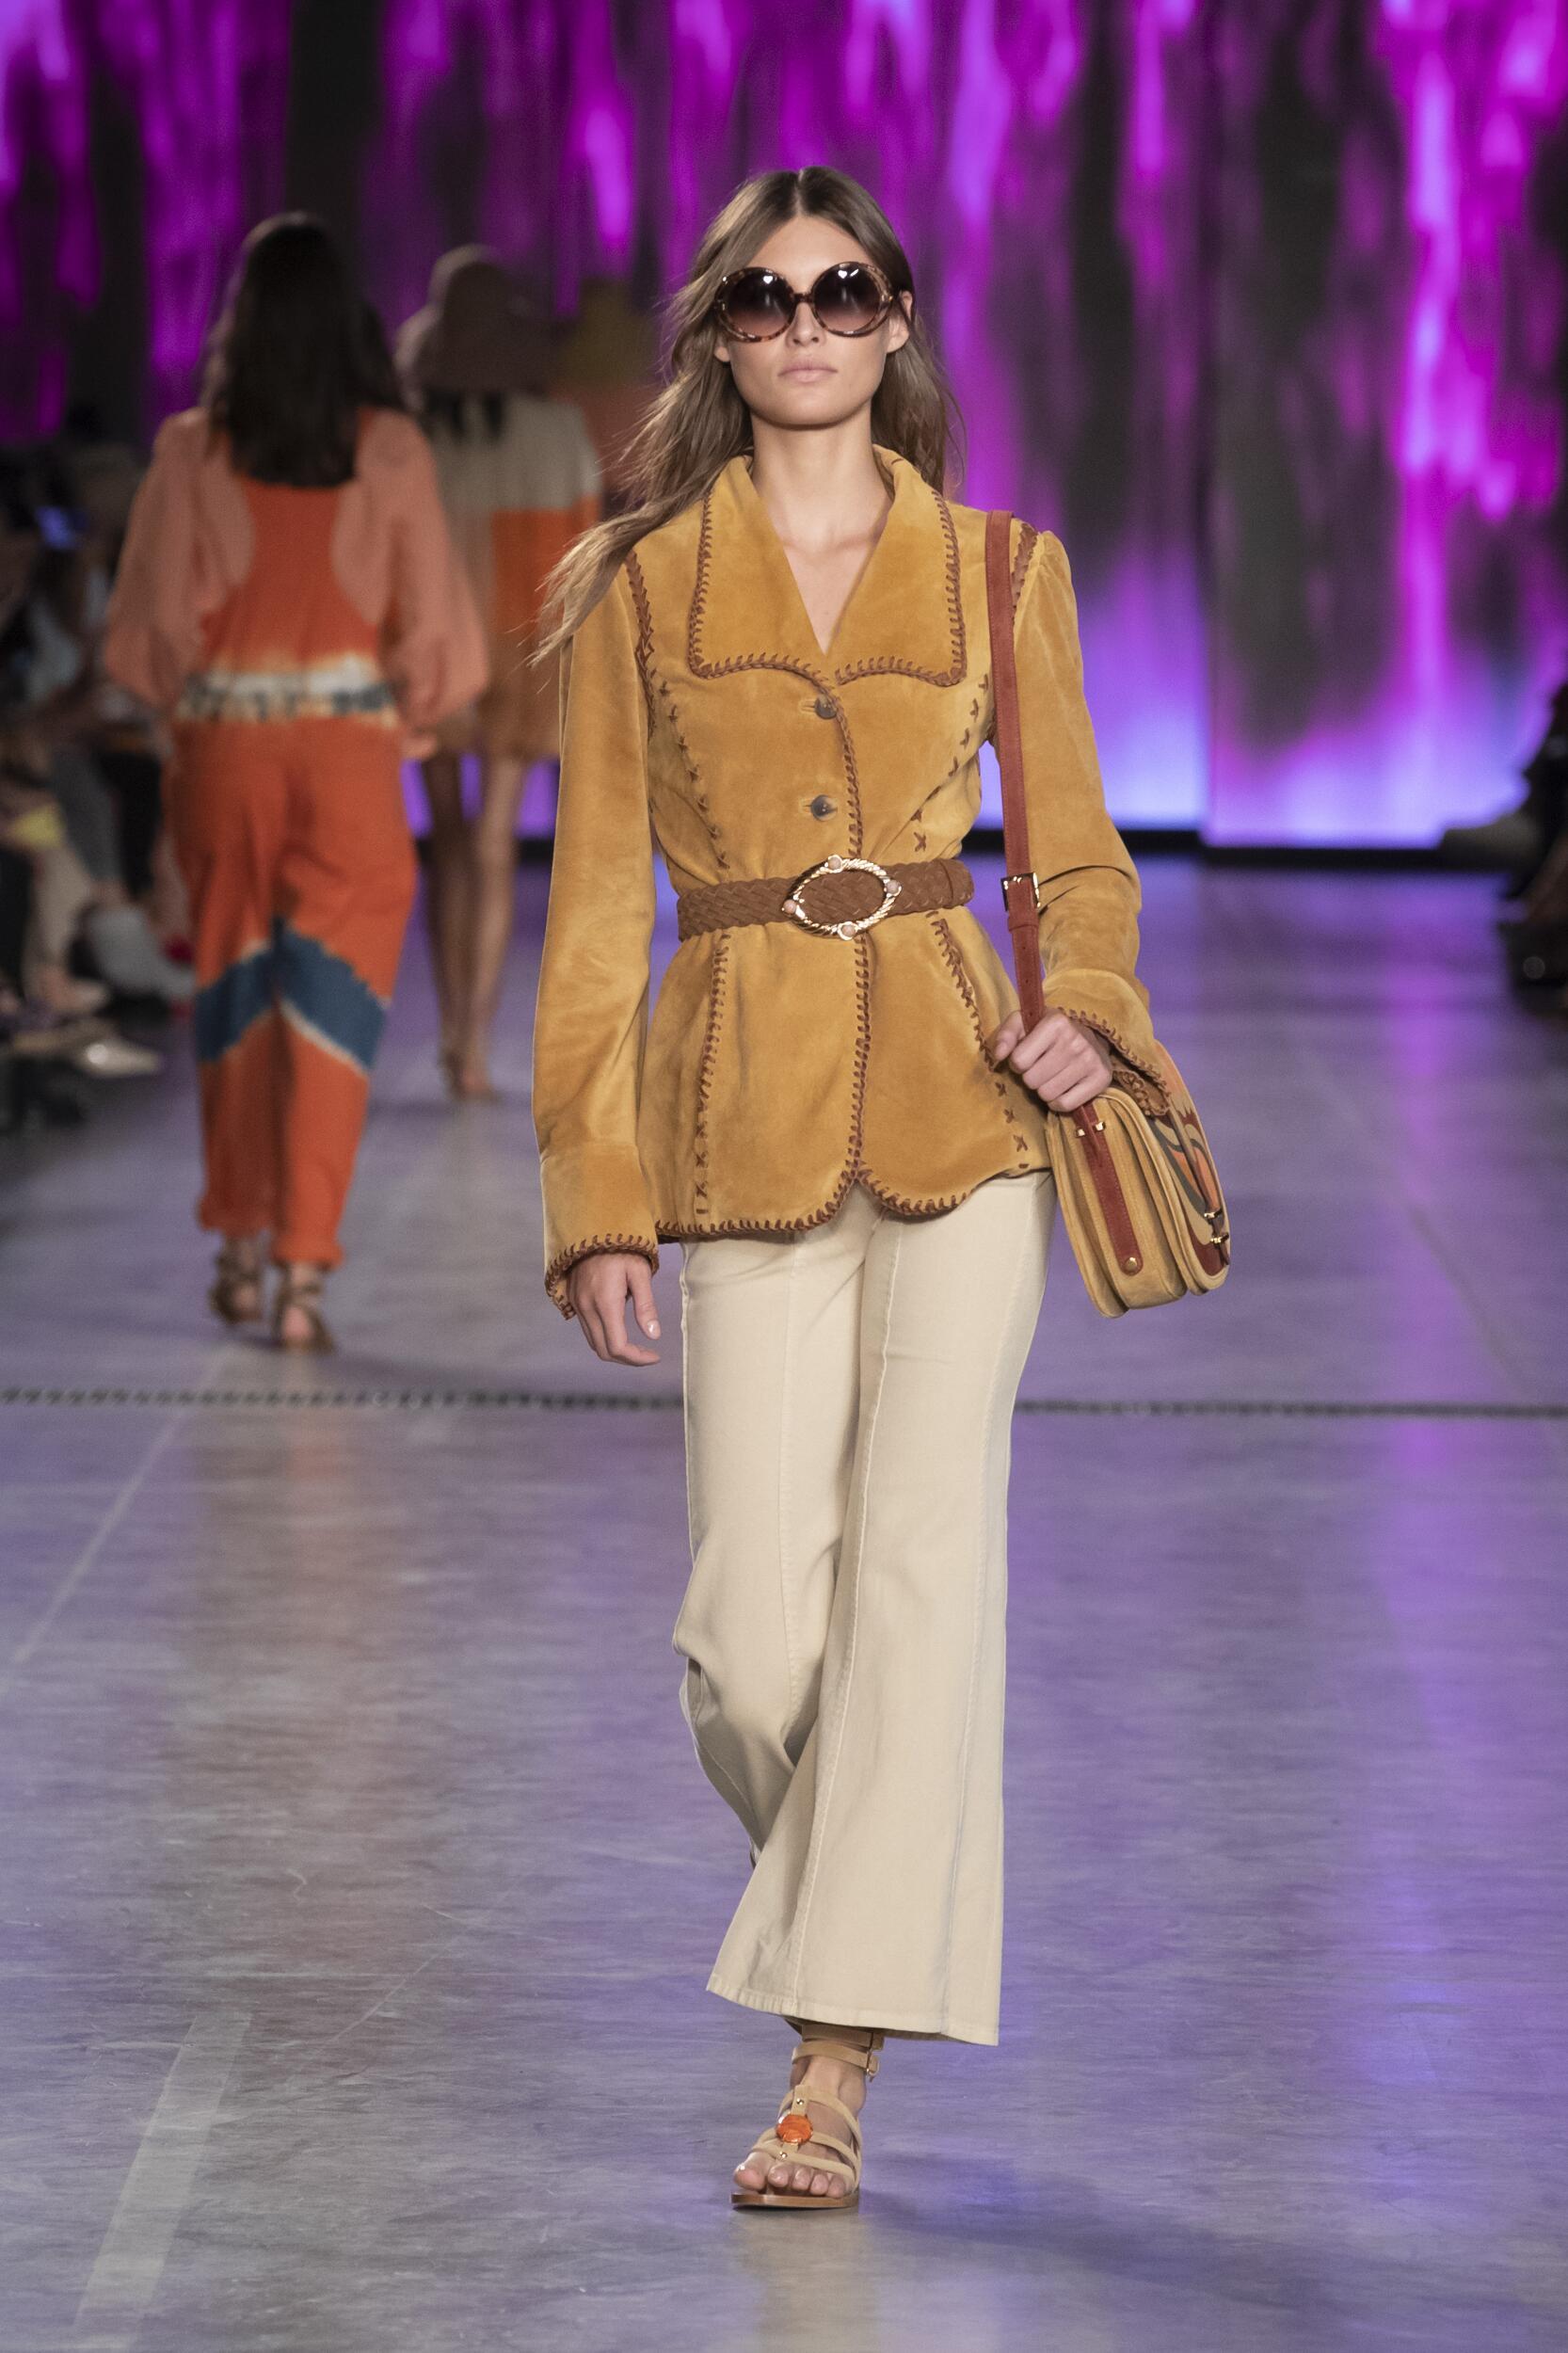 Alberta Ferretti SS 2020 Womenswear